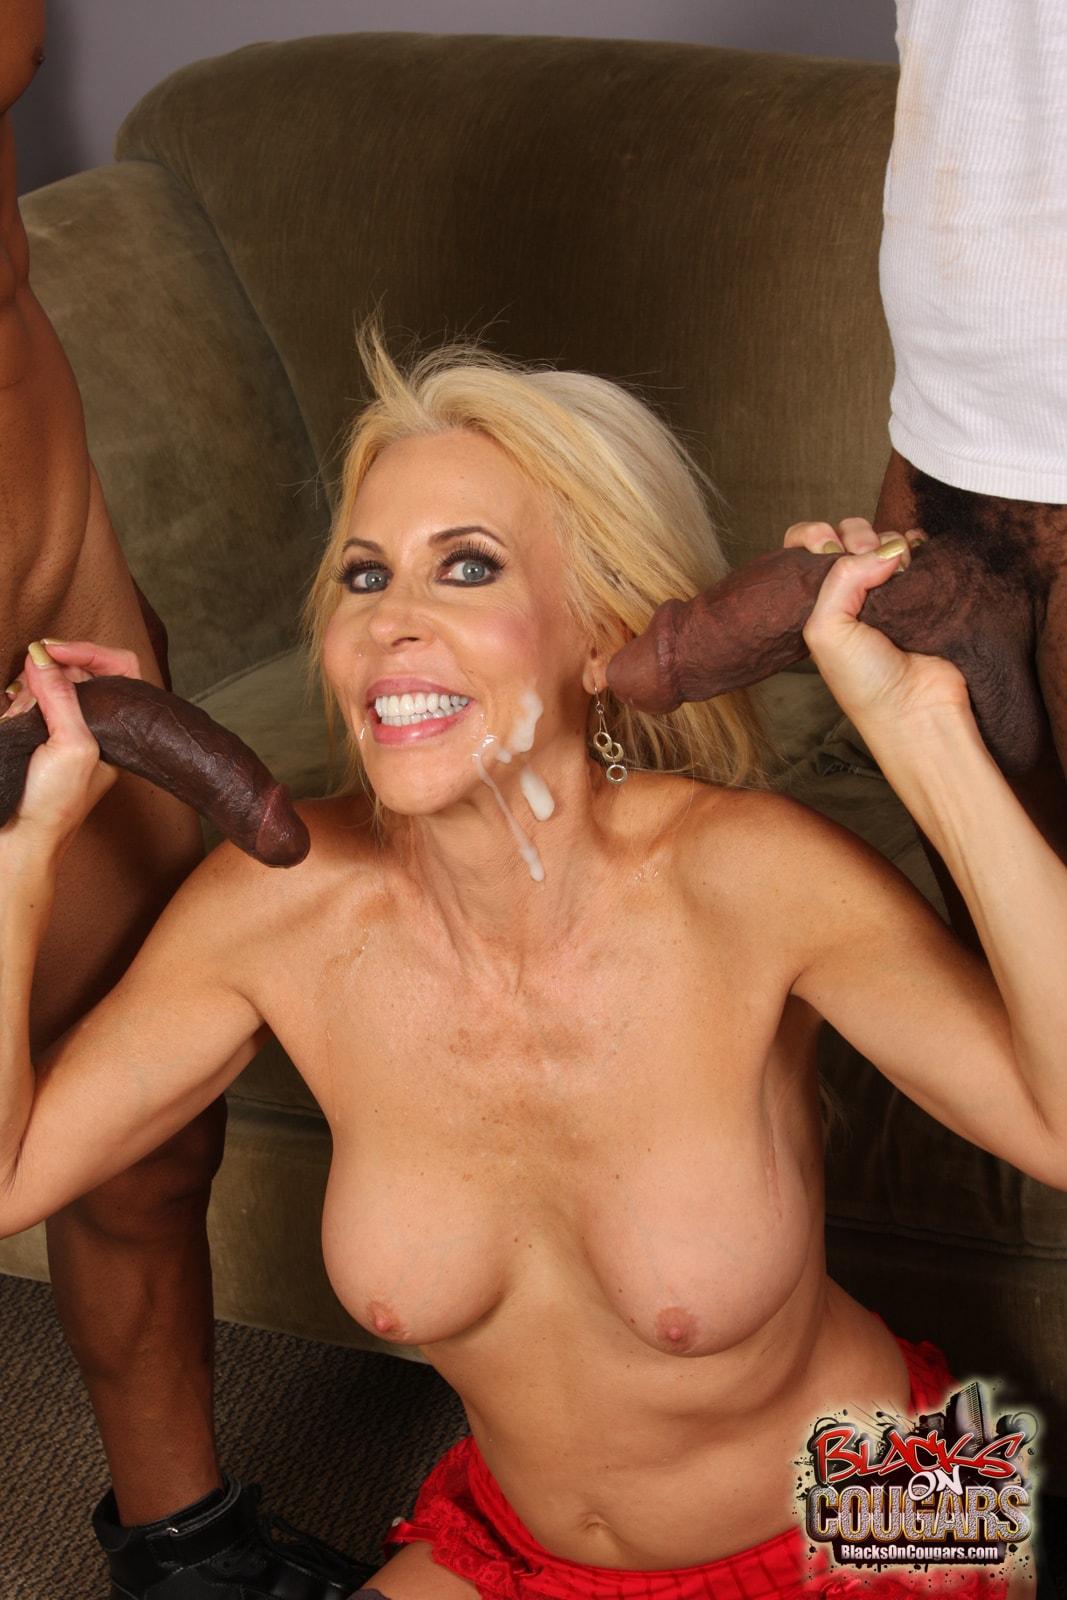 Эрика лорен порнозвезда 2 фотография